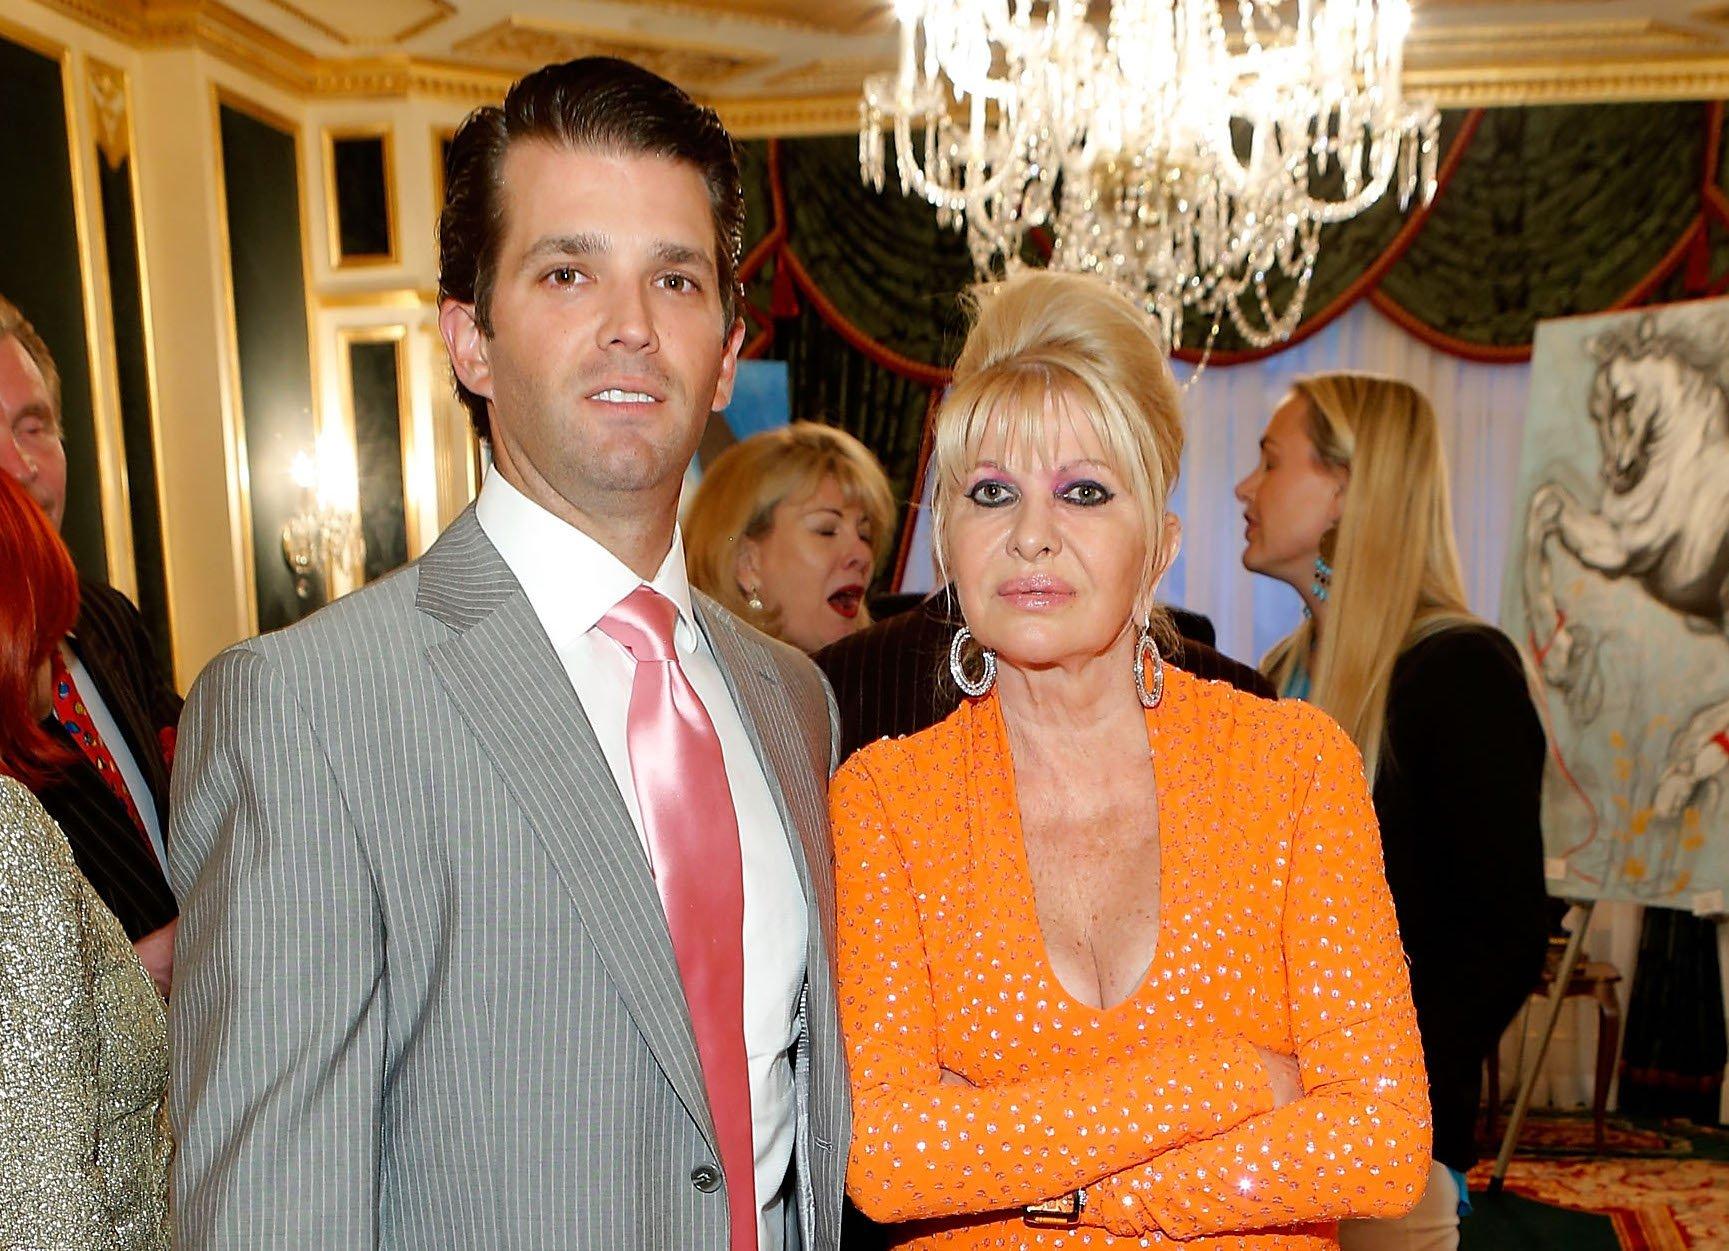 Ivana Trump and Donald Trump Jr.